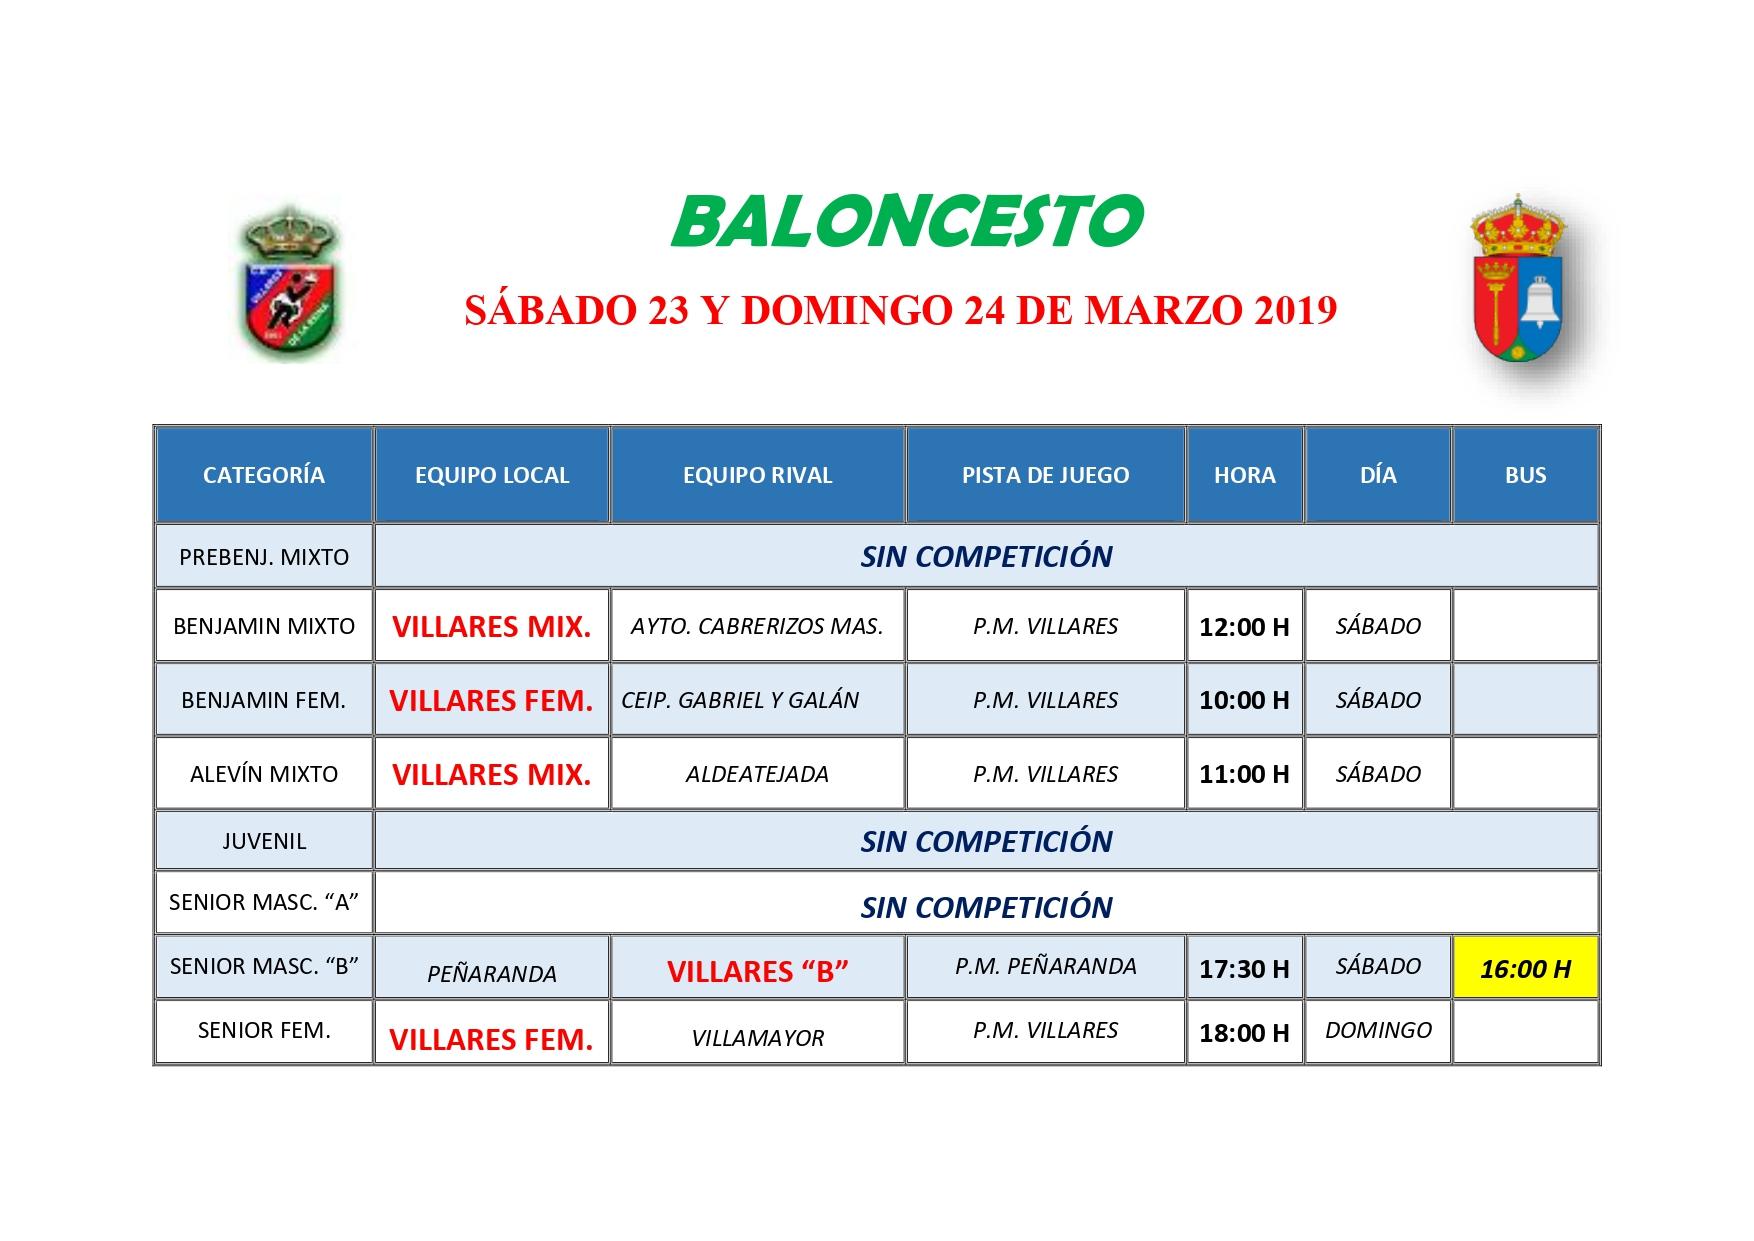 HORARIOS DE BALONCESTO S�BADO 23 Y DOMINGO 24 DE MARZO